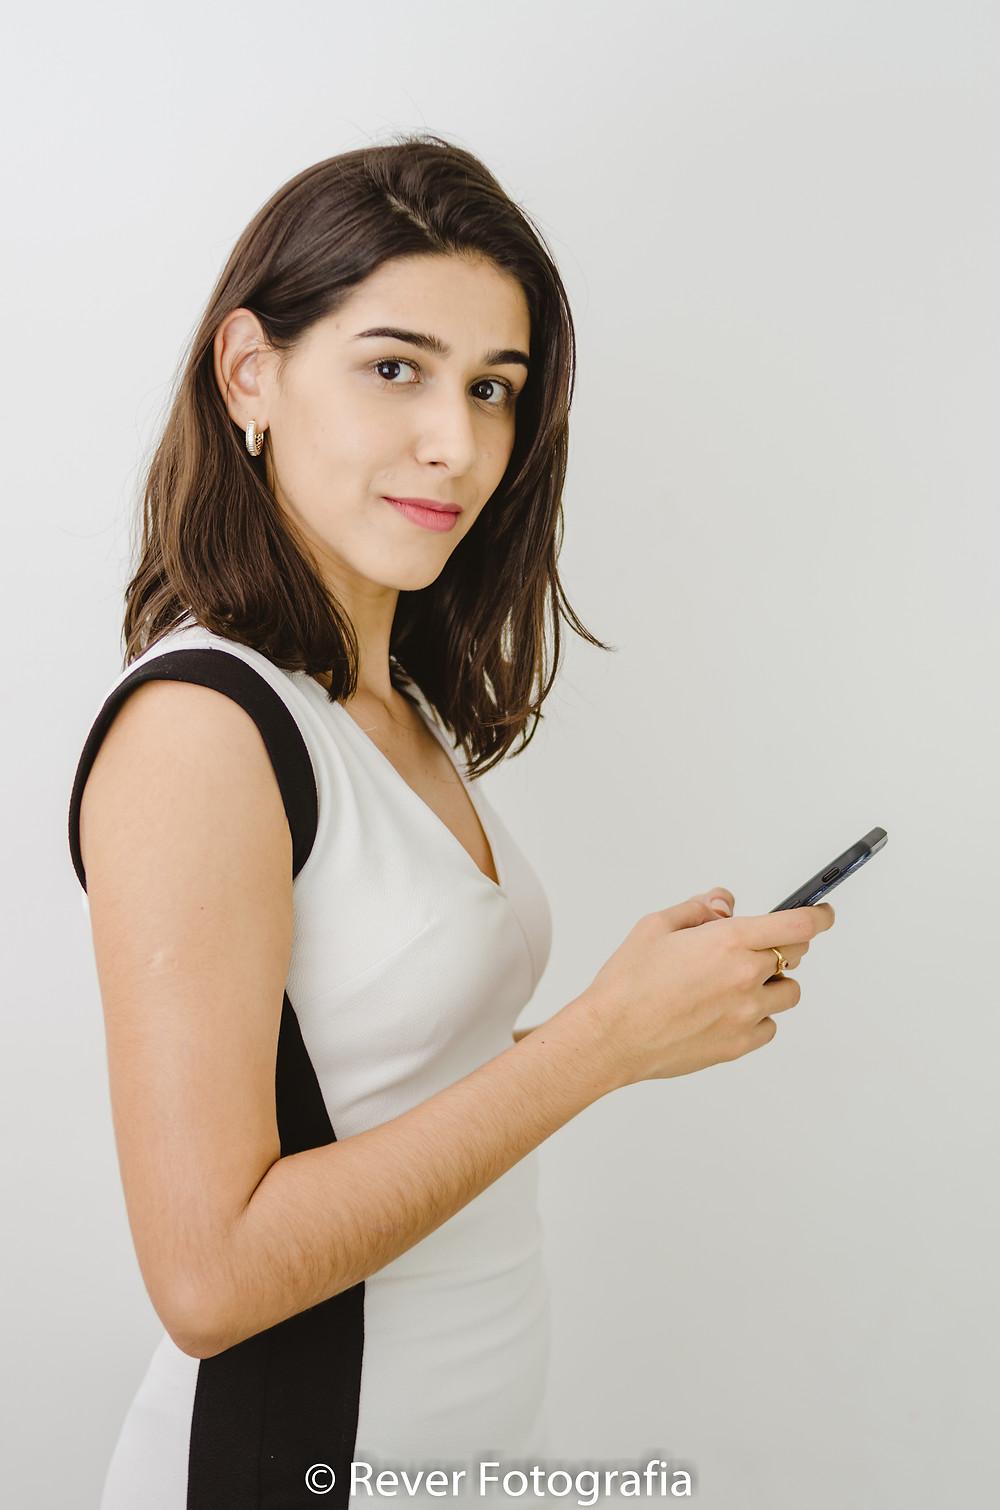 Sessão de Fotos para gerenciamento de imagem profissional corporativa mulher segura celular nas mãos